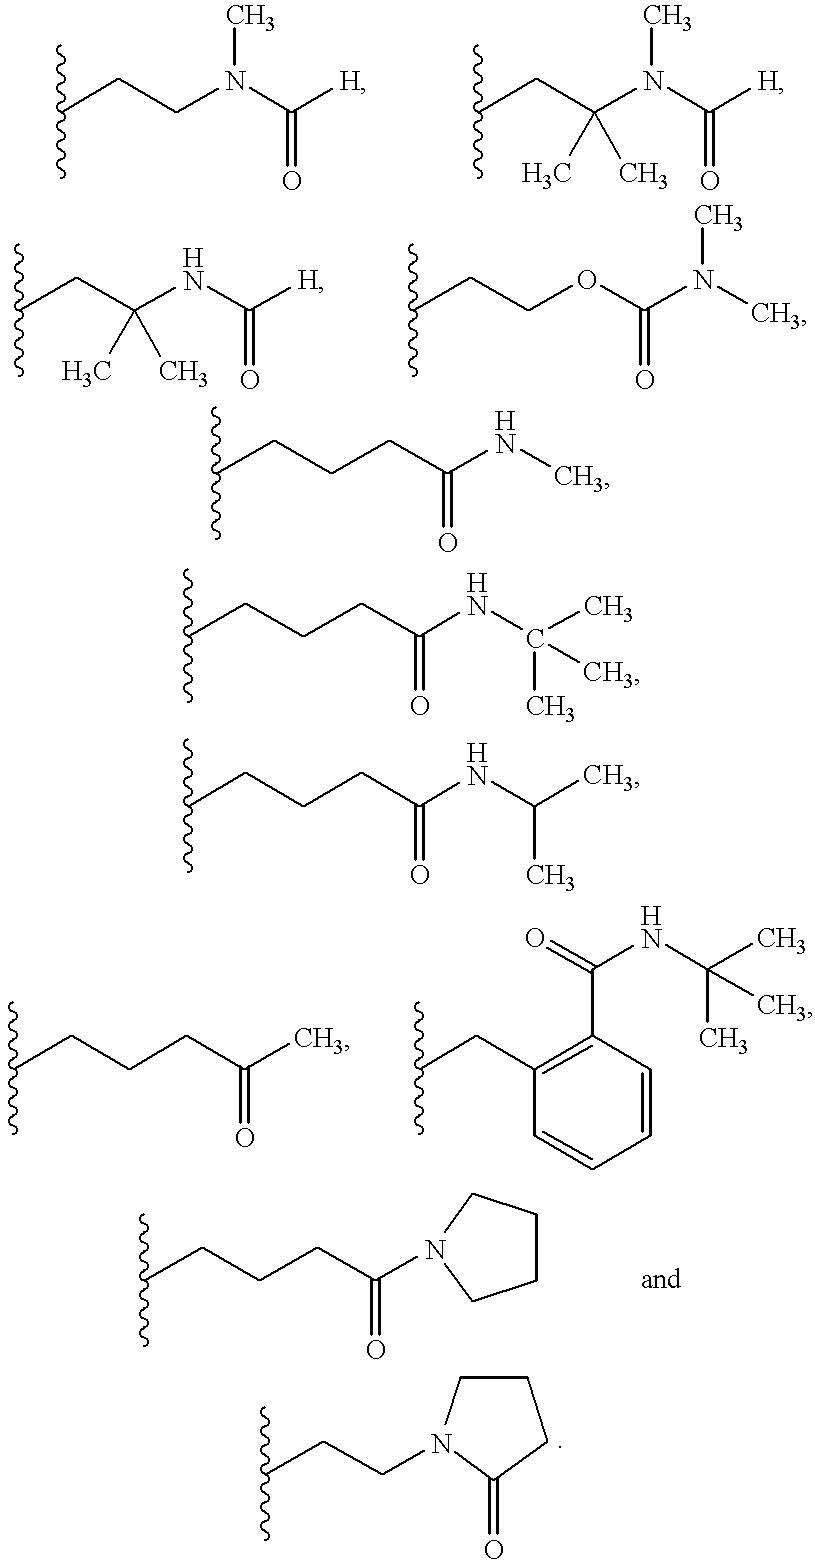 Figure US06762298-20040713-C00023